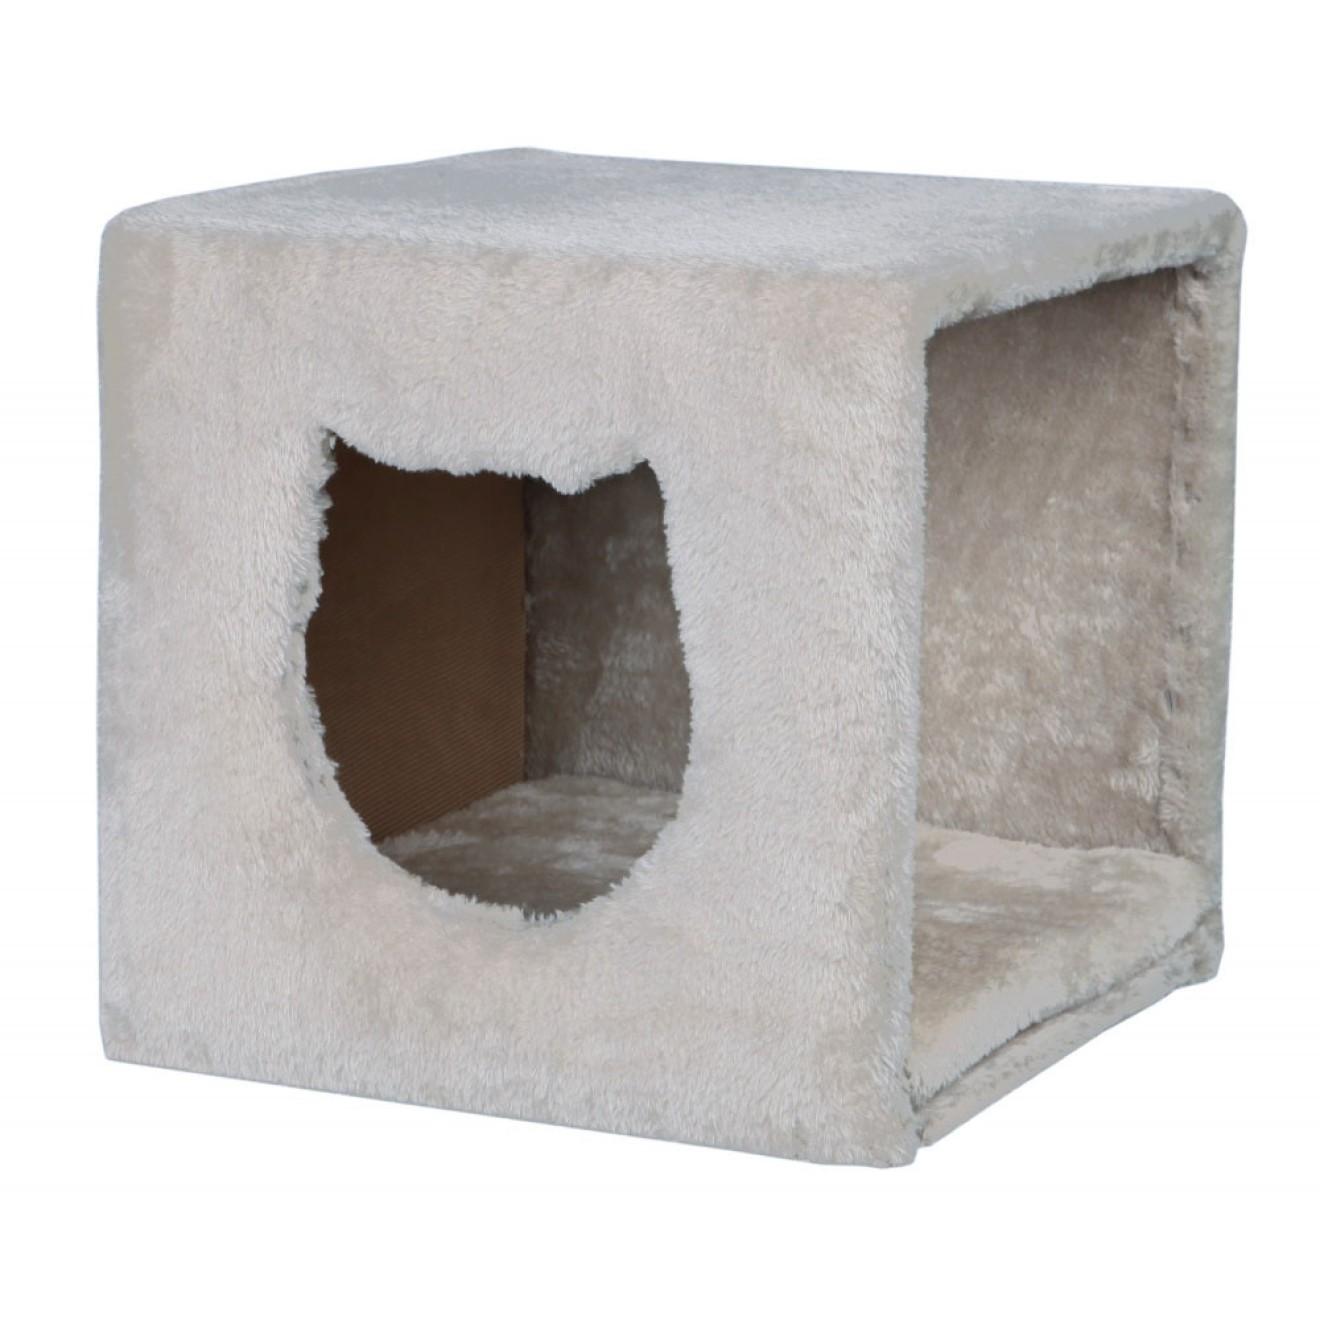 Katzenhöhle Für Regal : katzenh hle f r ikea regale kallax oder expedit online kaufen ~ Frokenaadalensverden.com Haus und Dekorationen